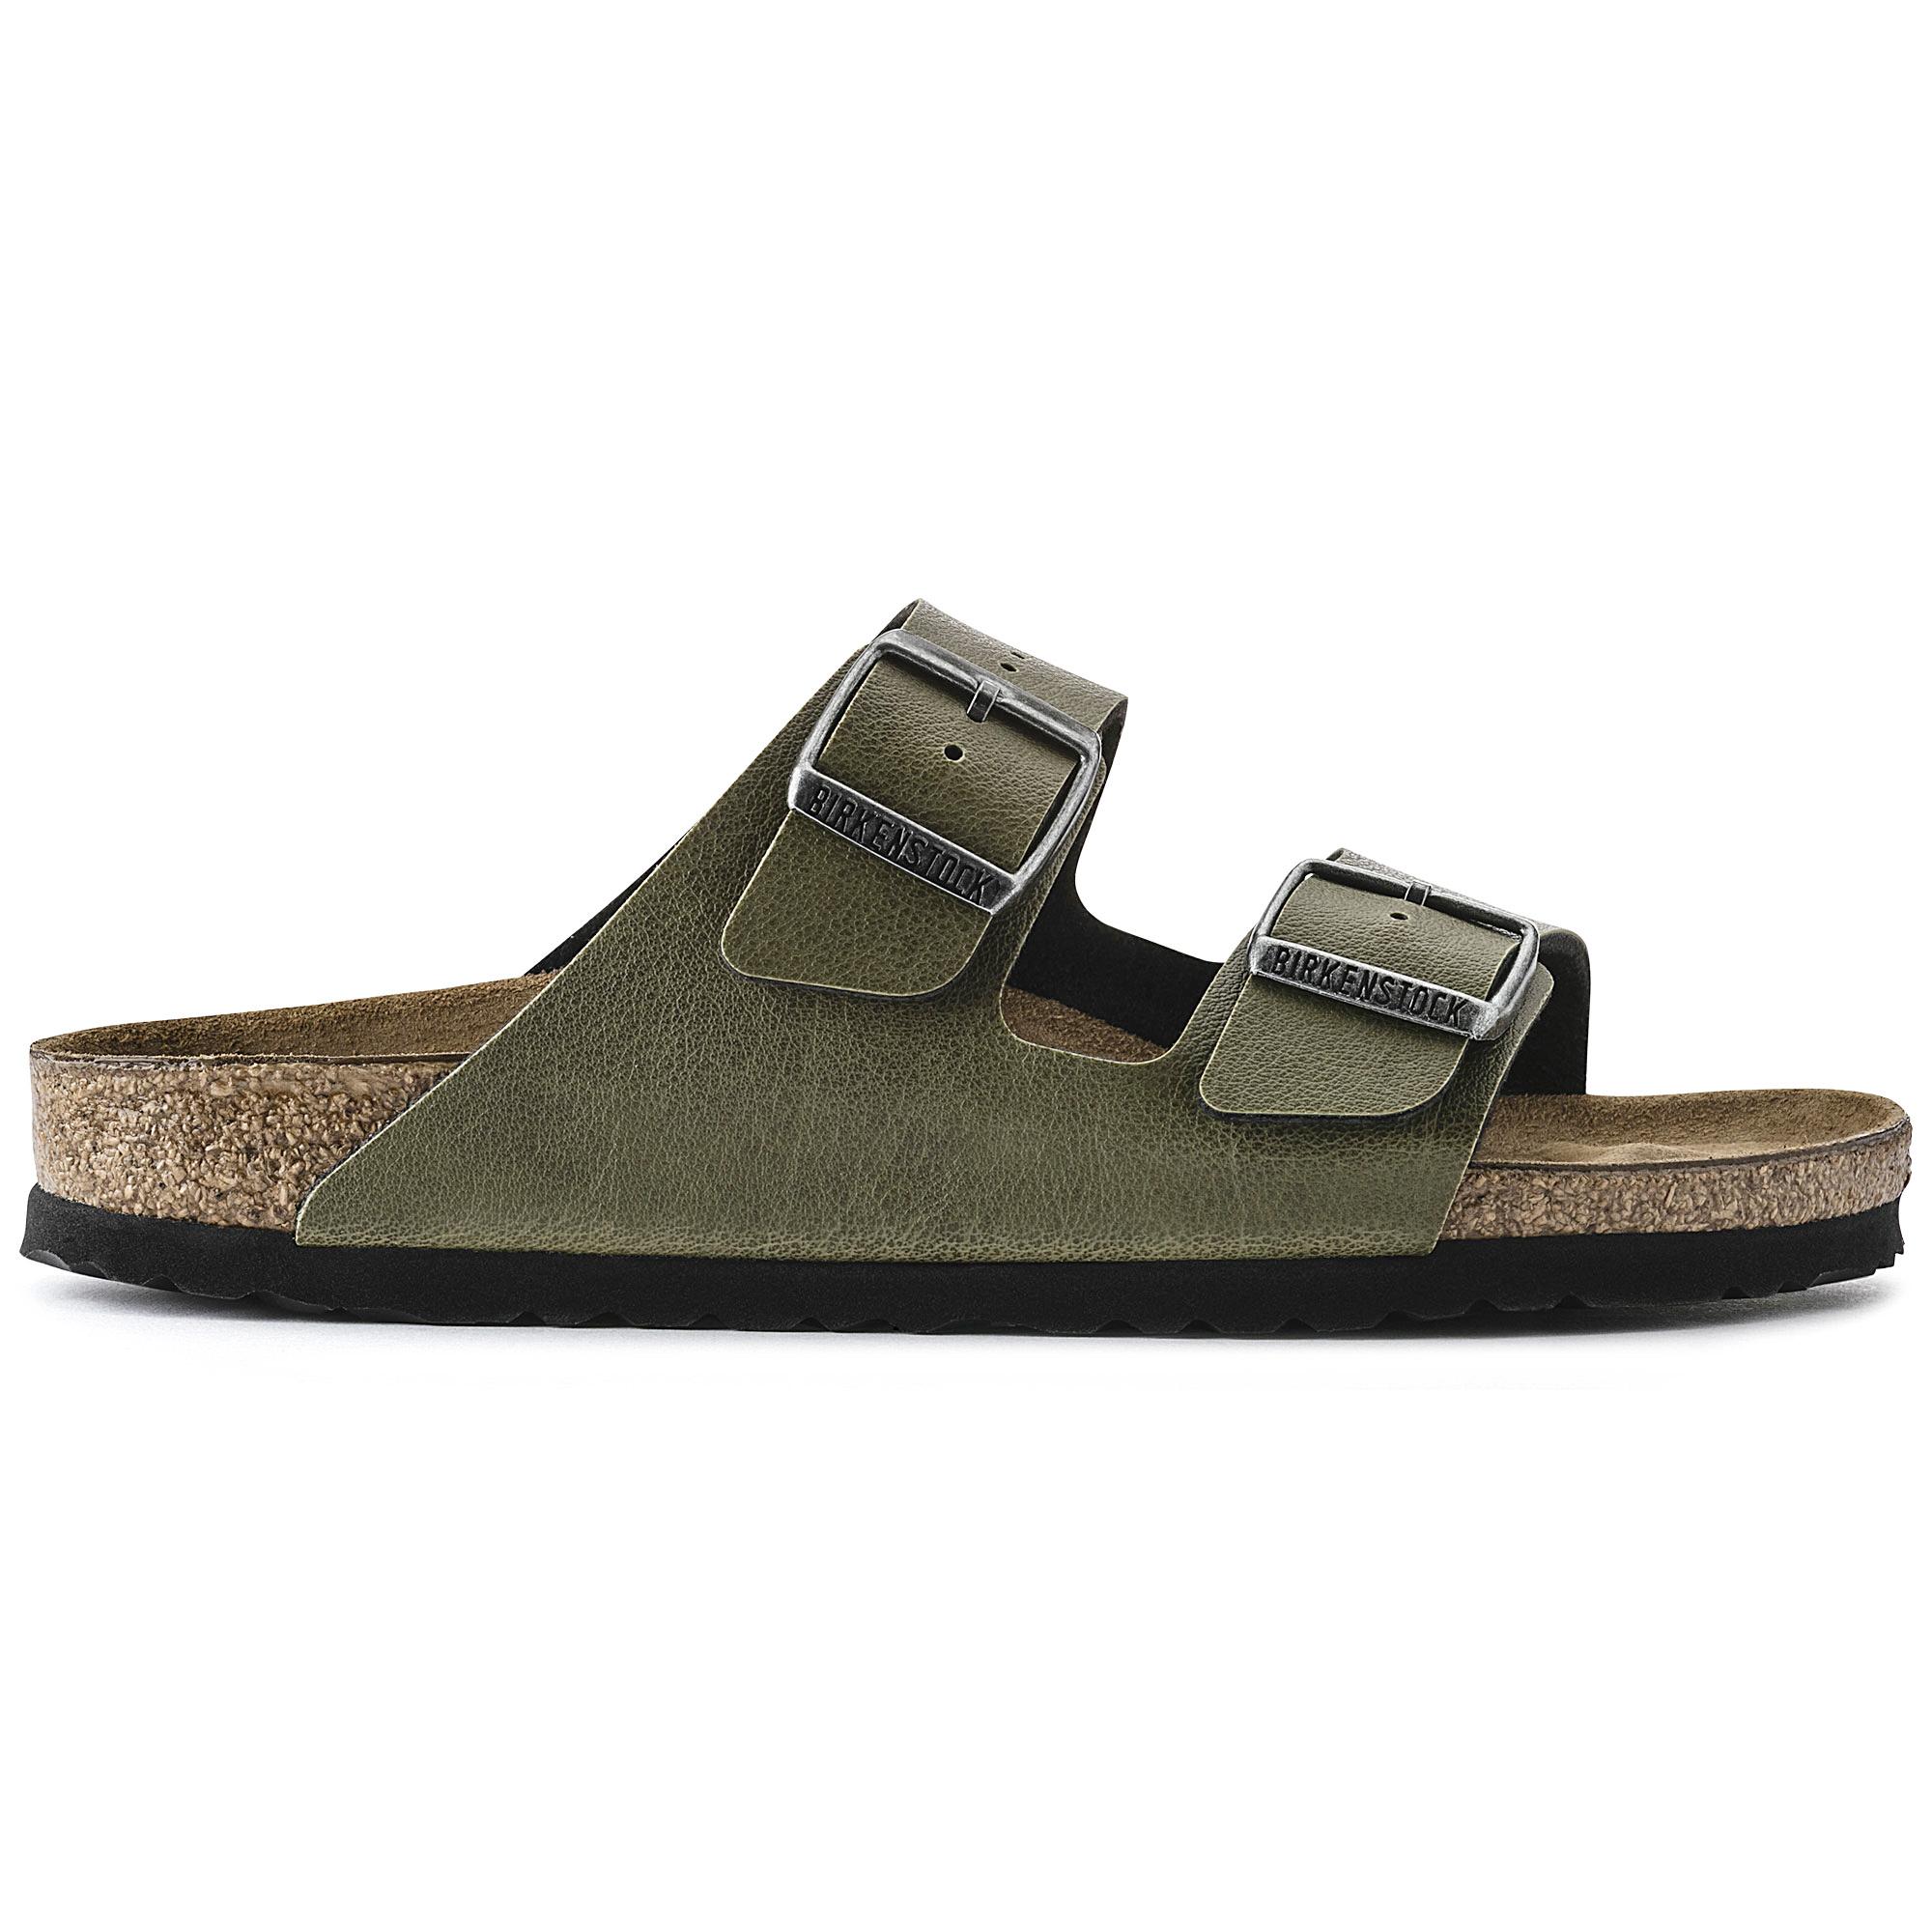 36776a3ba Arizona Birko-Flor Pull Up Olive | shop online at BIRKENSTOCK